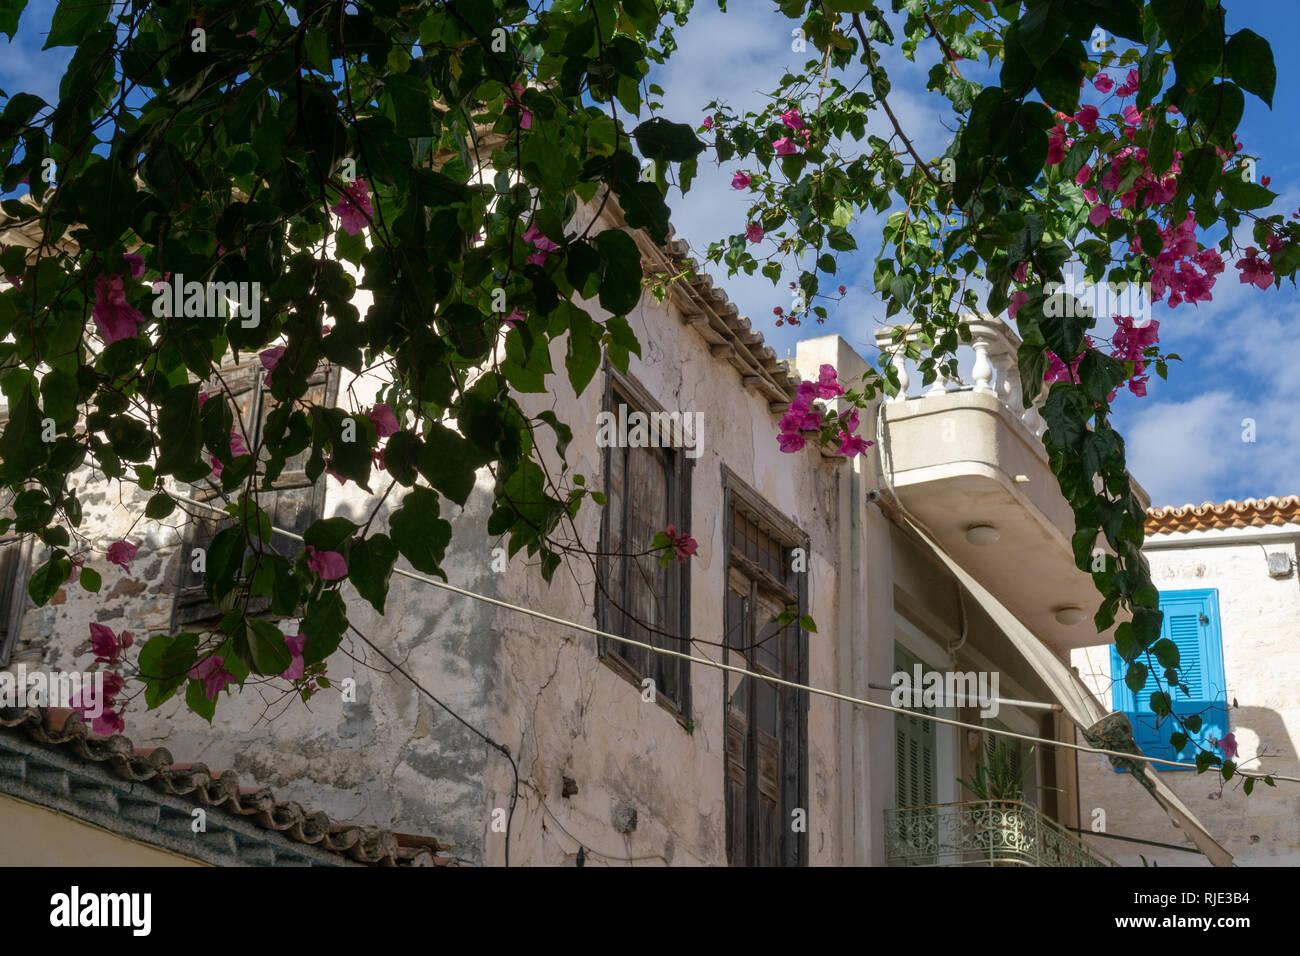 Henry Miller décrit la marche à travers les rues de Poros pour « naviguer à travers les rues' dans 'Le Colosse de Maroussi' considéré comme son meilleur livre. Banque D'Images